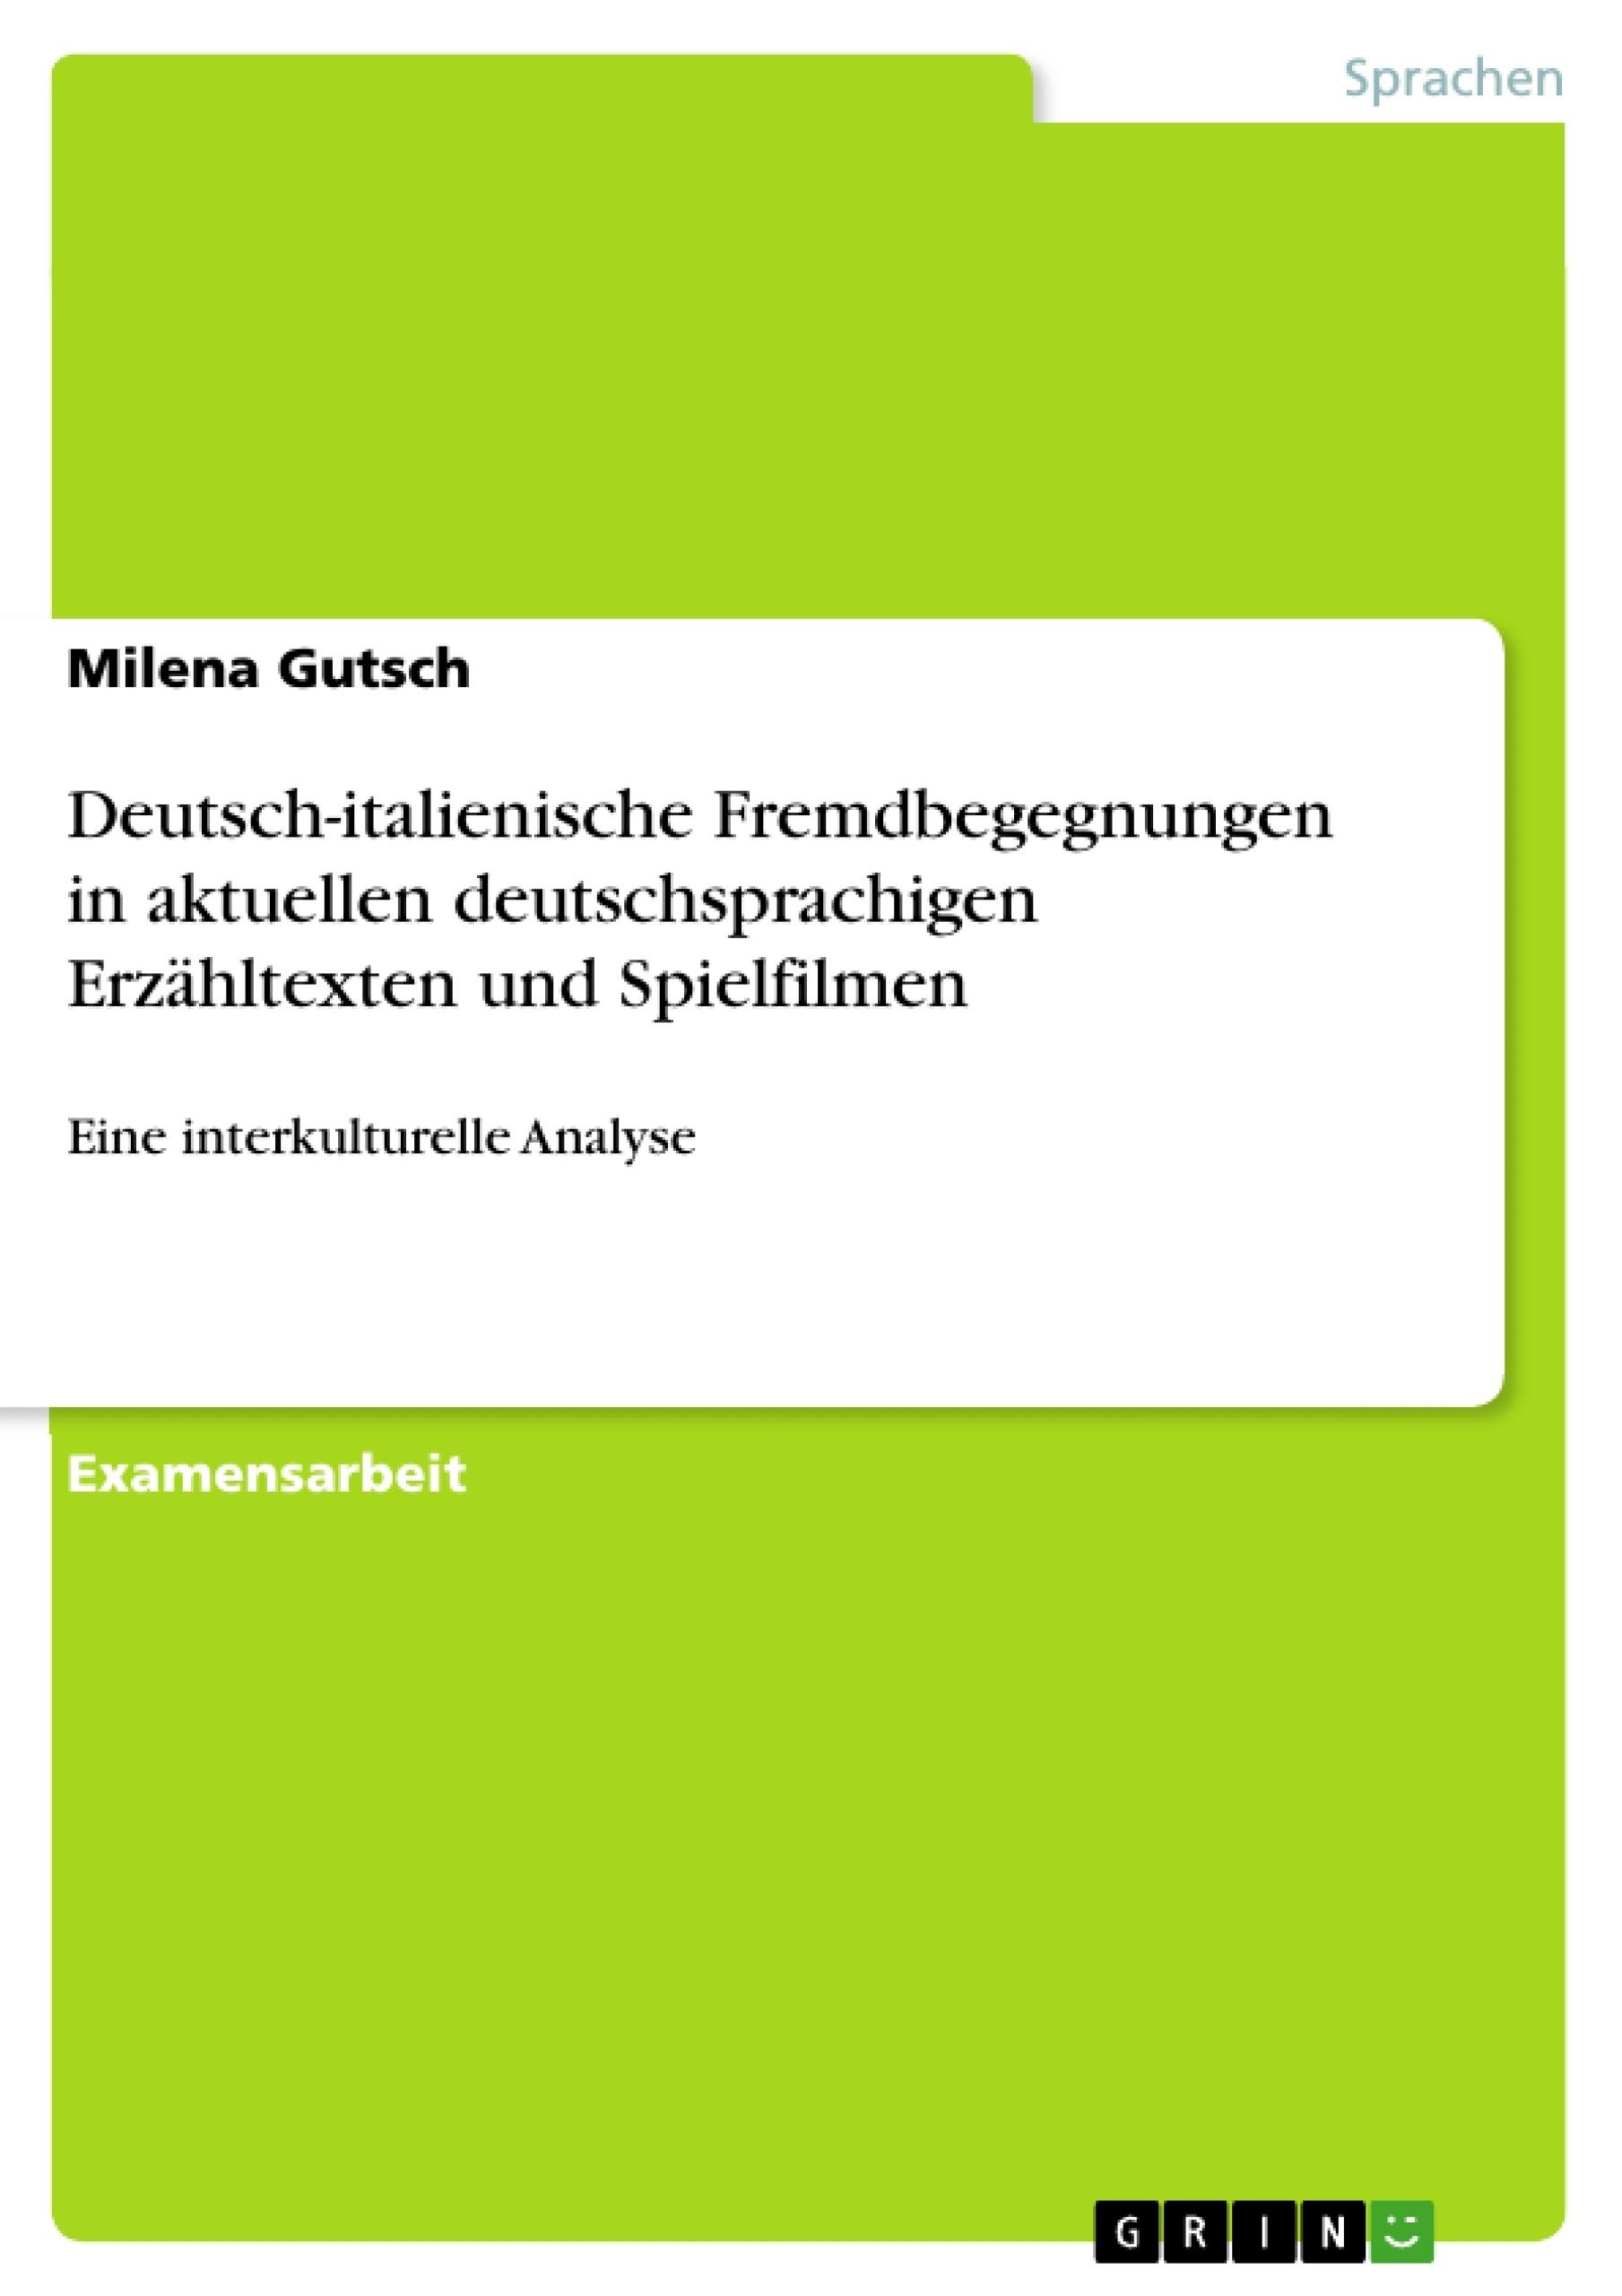 Titel: Deutsch-italienische Fremdbegegnungen in aktuellen deutschsprachigen Erzähltexten und Spielfilmen